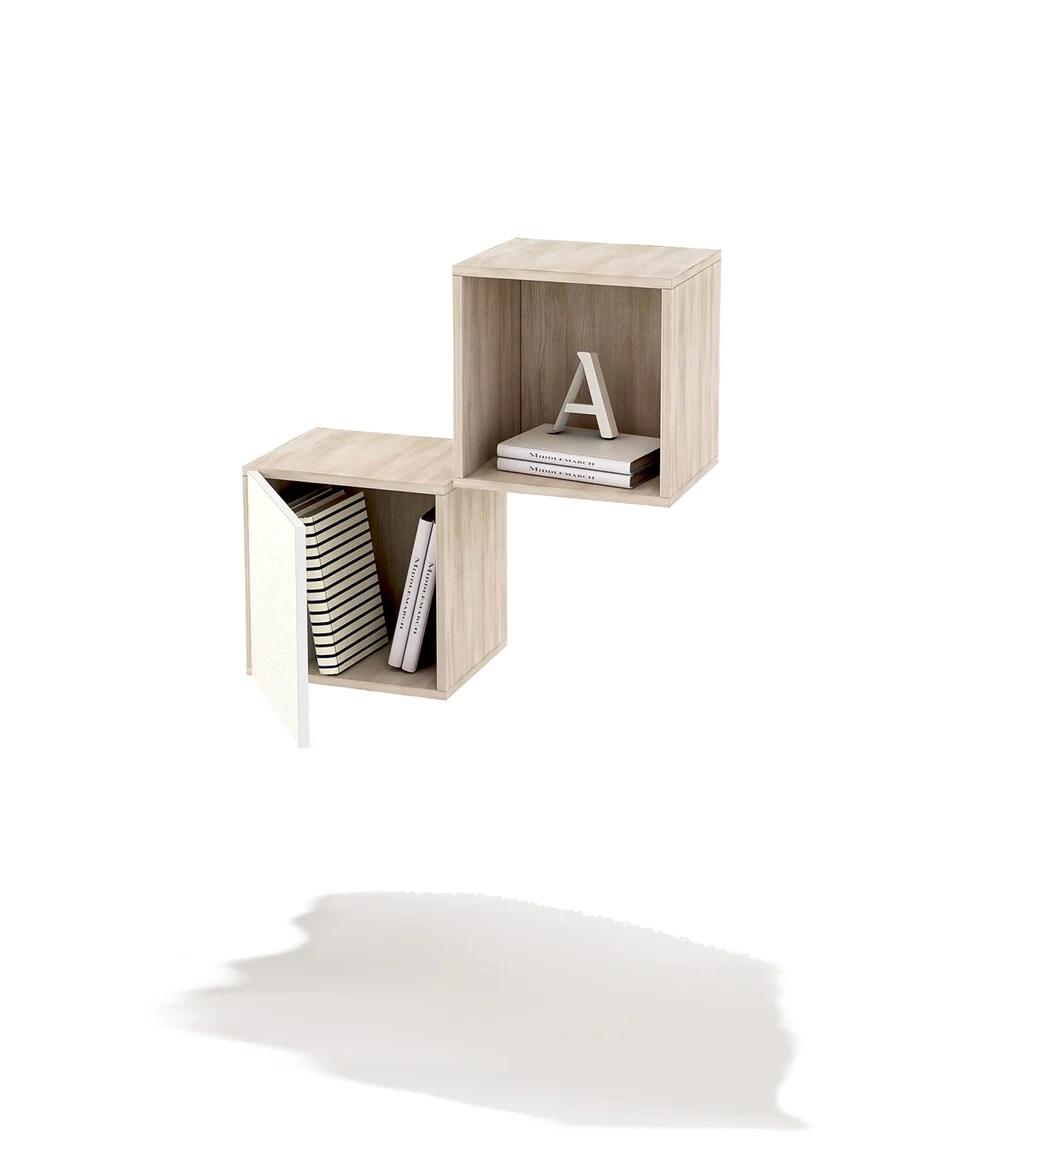 Linee essenziali per le mensole del soggiorno. Cubi Composizione Librerie A Muro Mensola 2 Cubi Cubo Con Anta Cameretta Camera Ufficio Lavanderia Doomostore